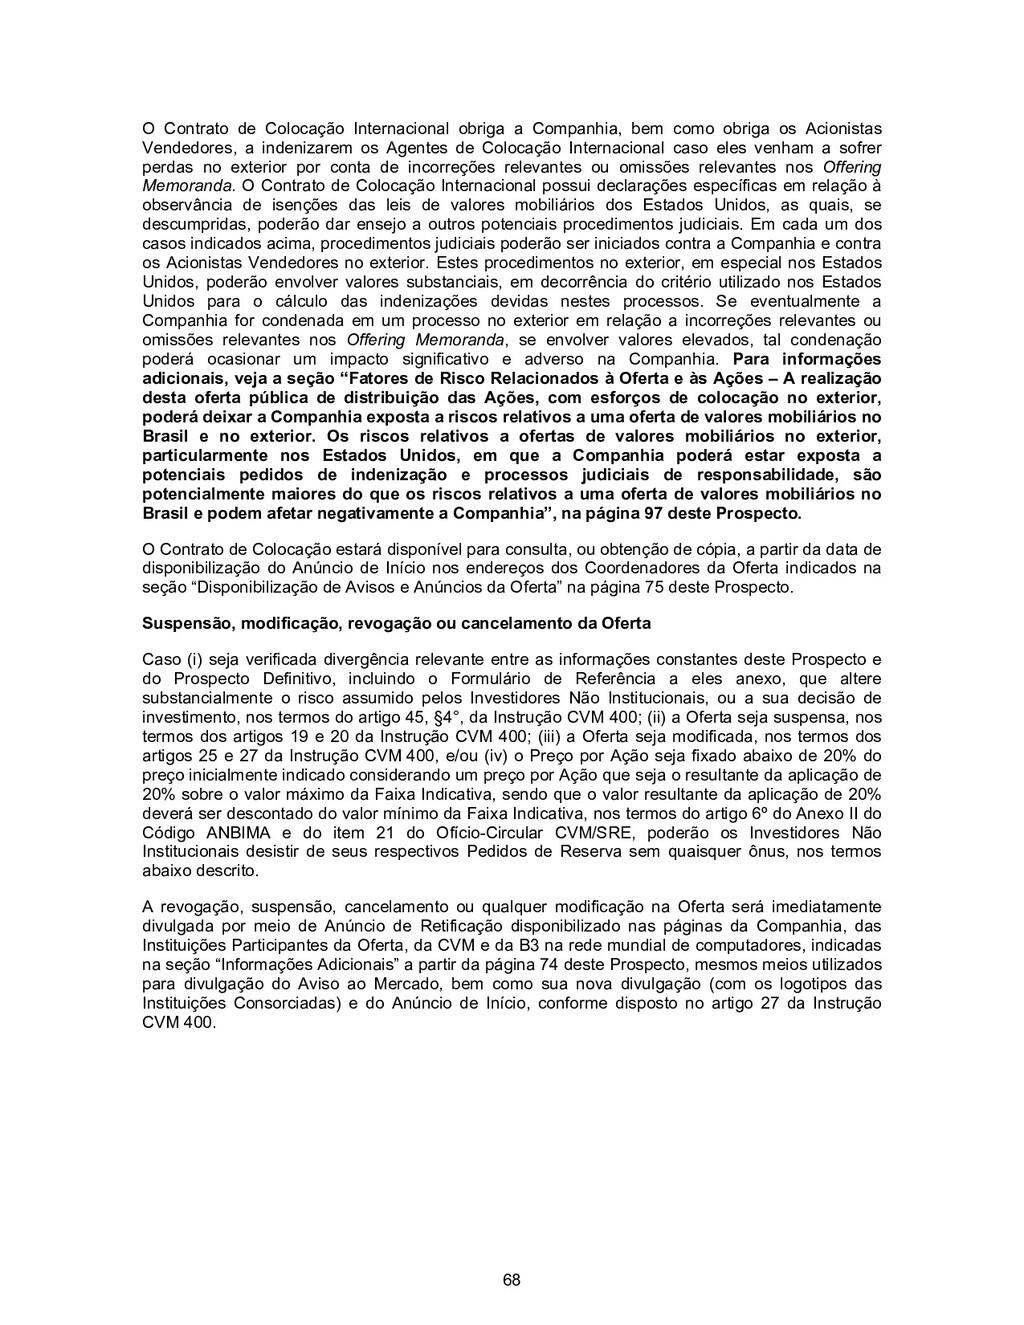 68 O Contrato de Colocação Internacional obriga...